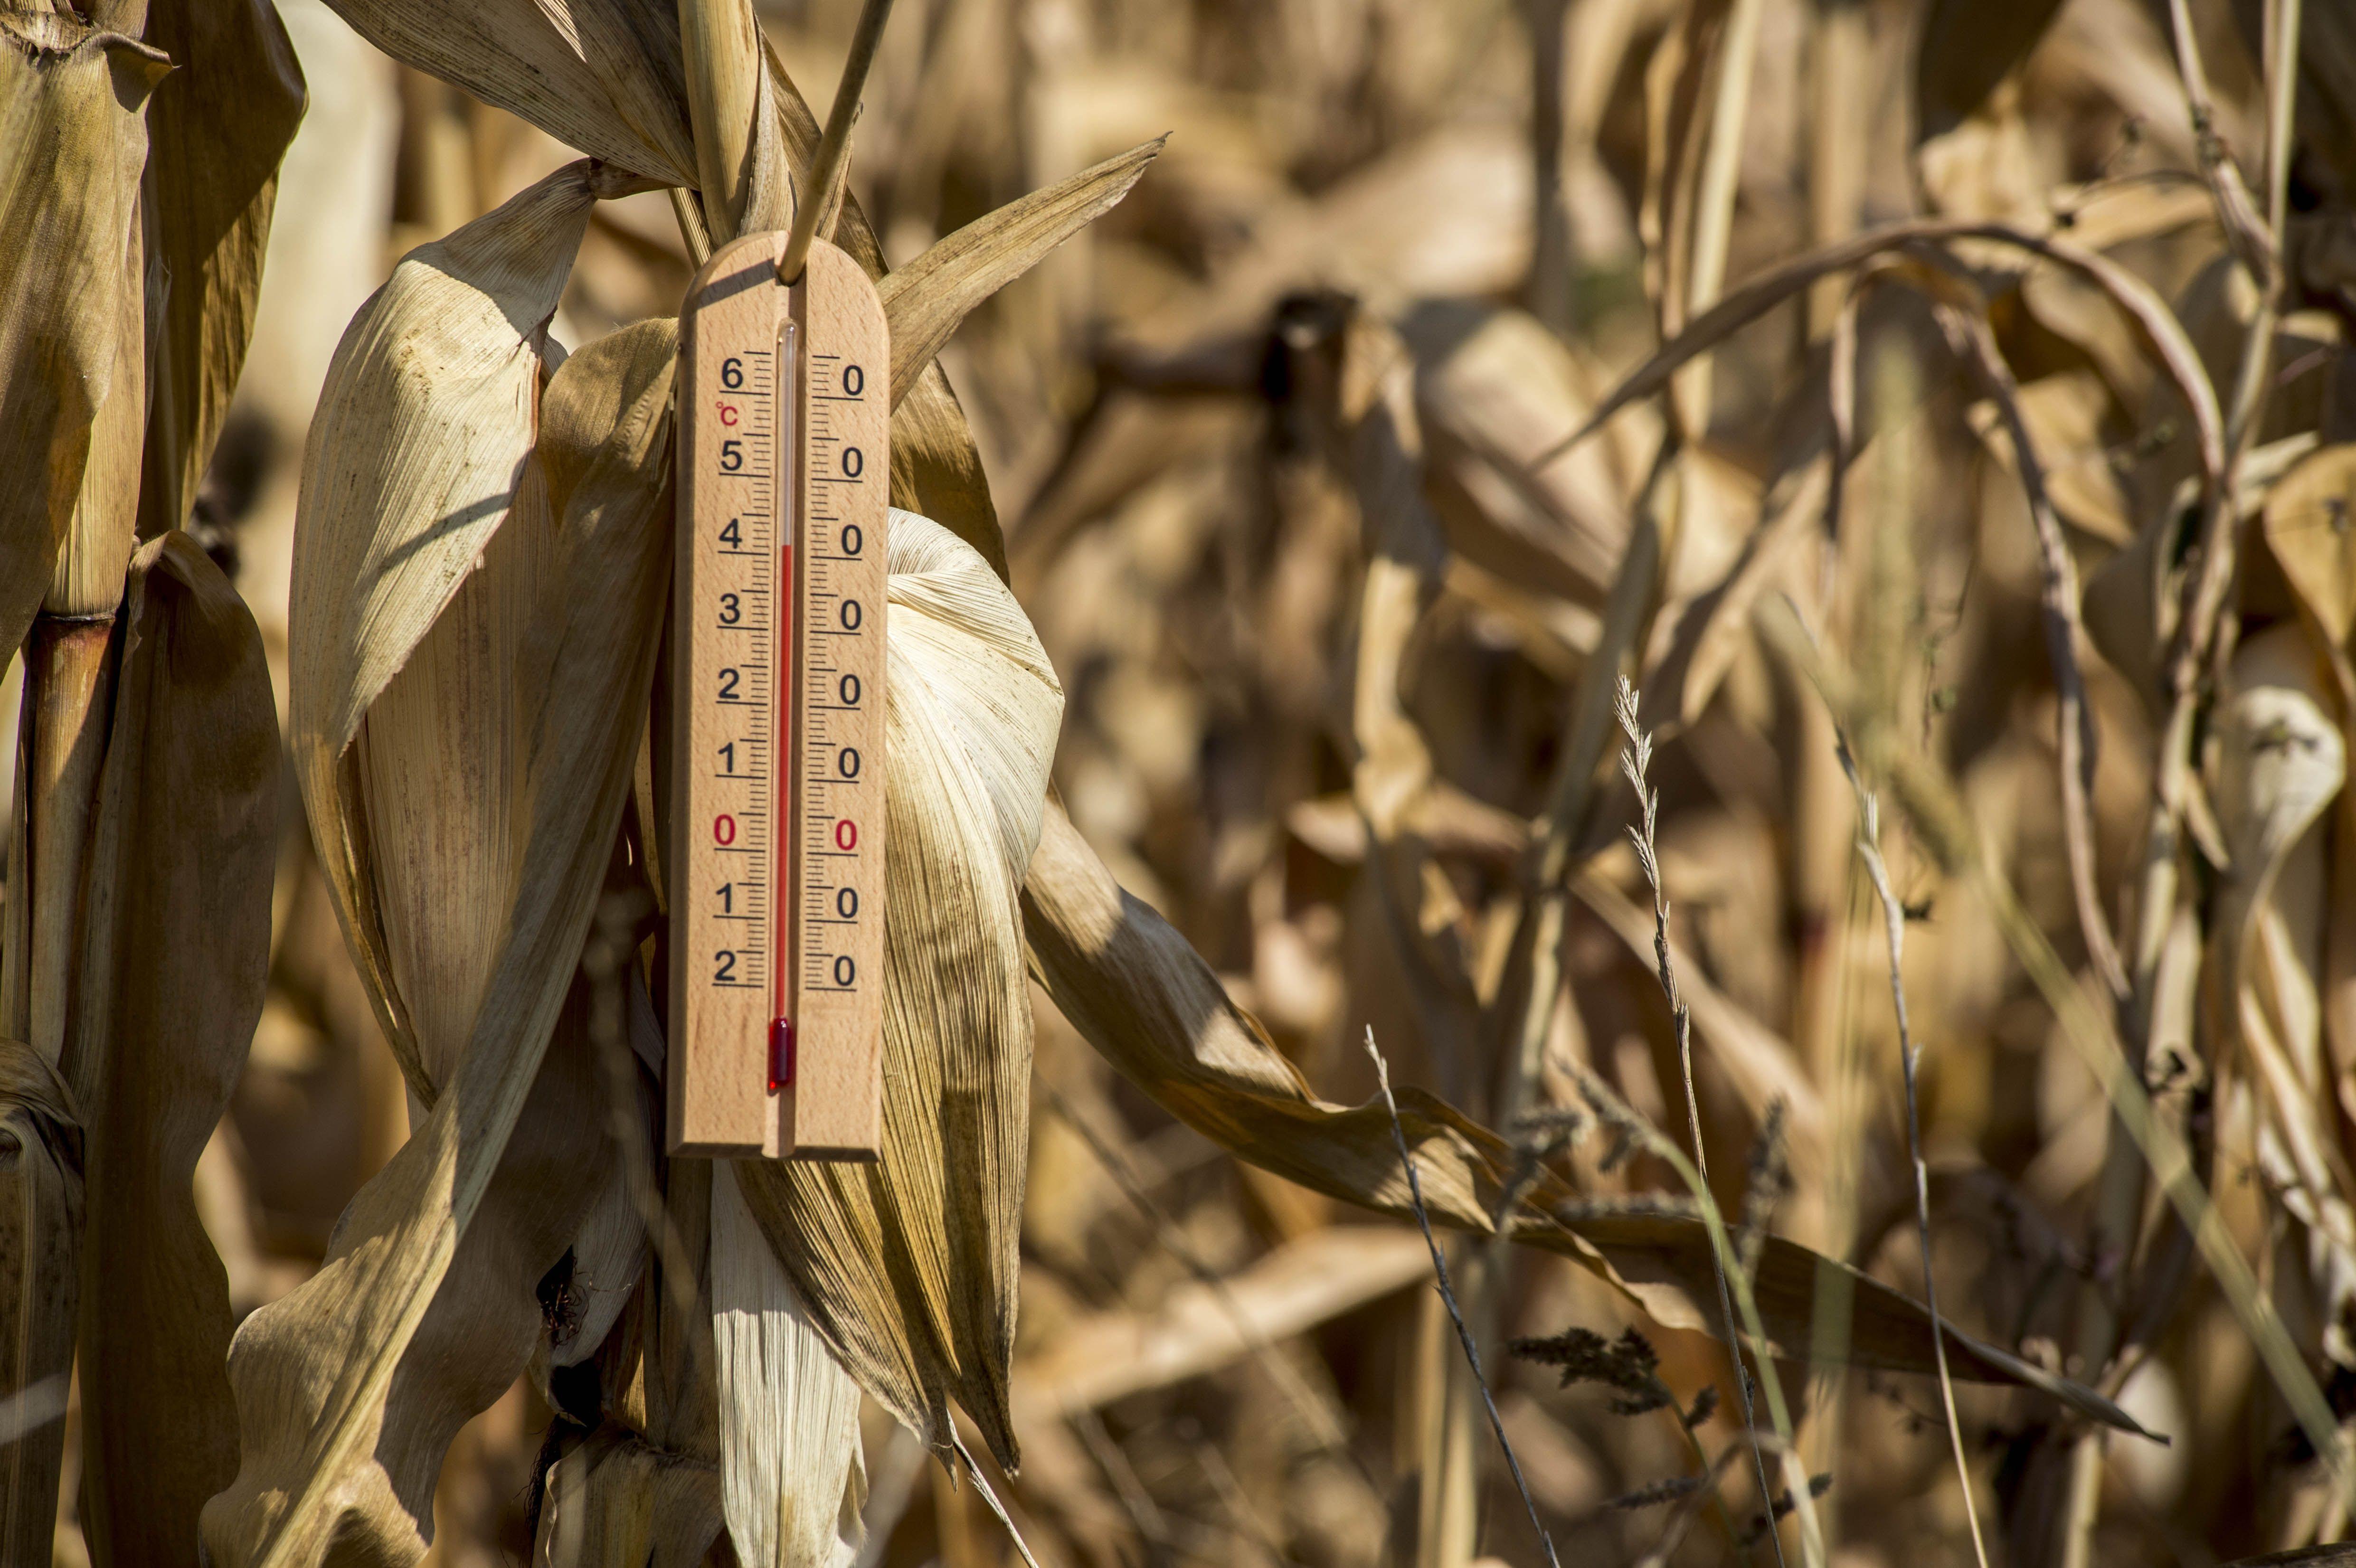 Une grande partie de la France, en particulier sur la moitié Est, risque de subir cet été une nouvelle sécheresse.